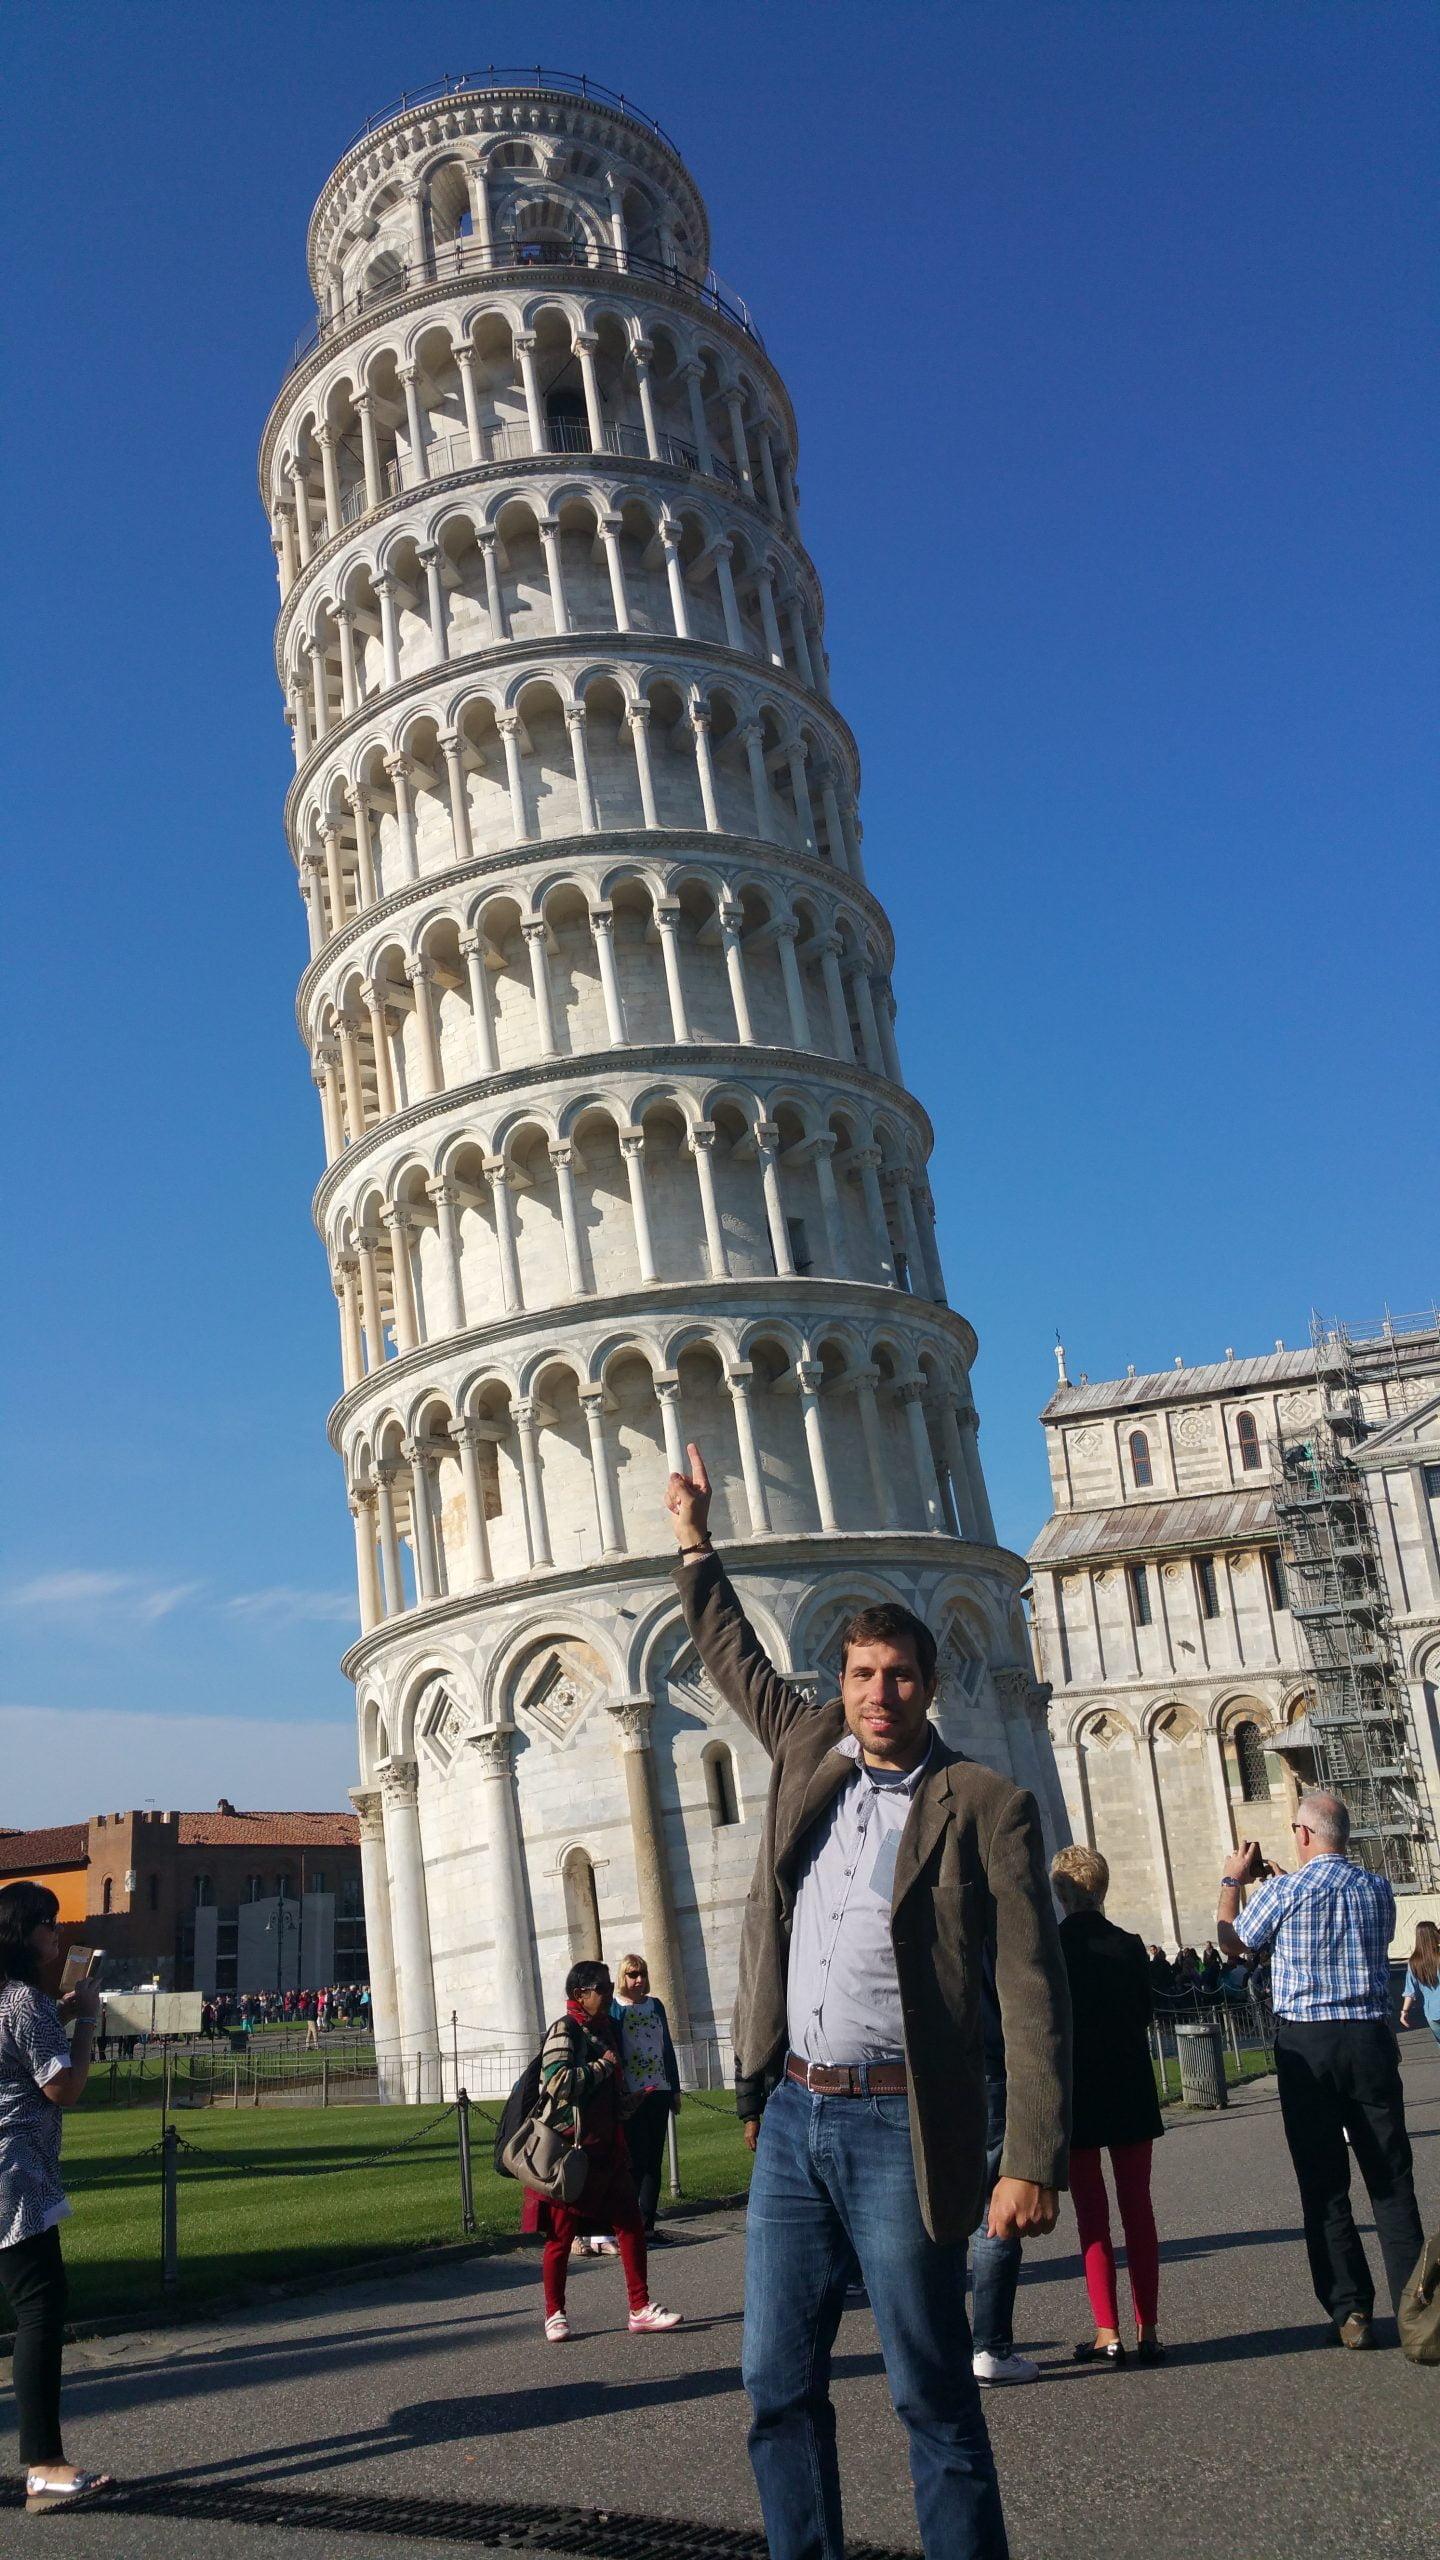 Italija_Toskana__luka_Piza_evropski_gradovi_autobusom_polje_cuna_popust